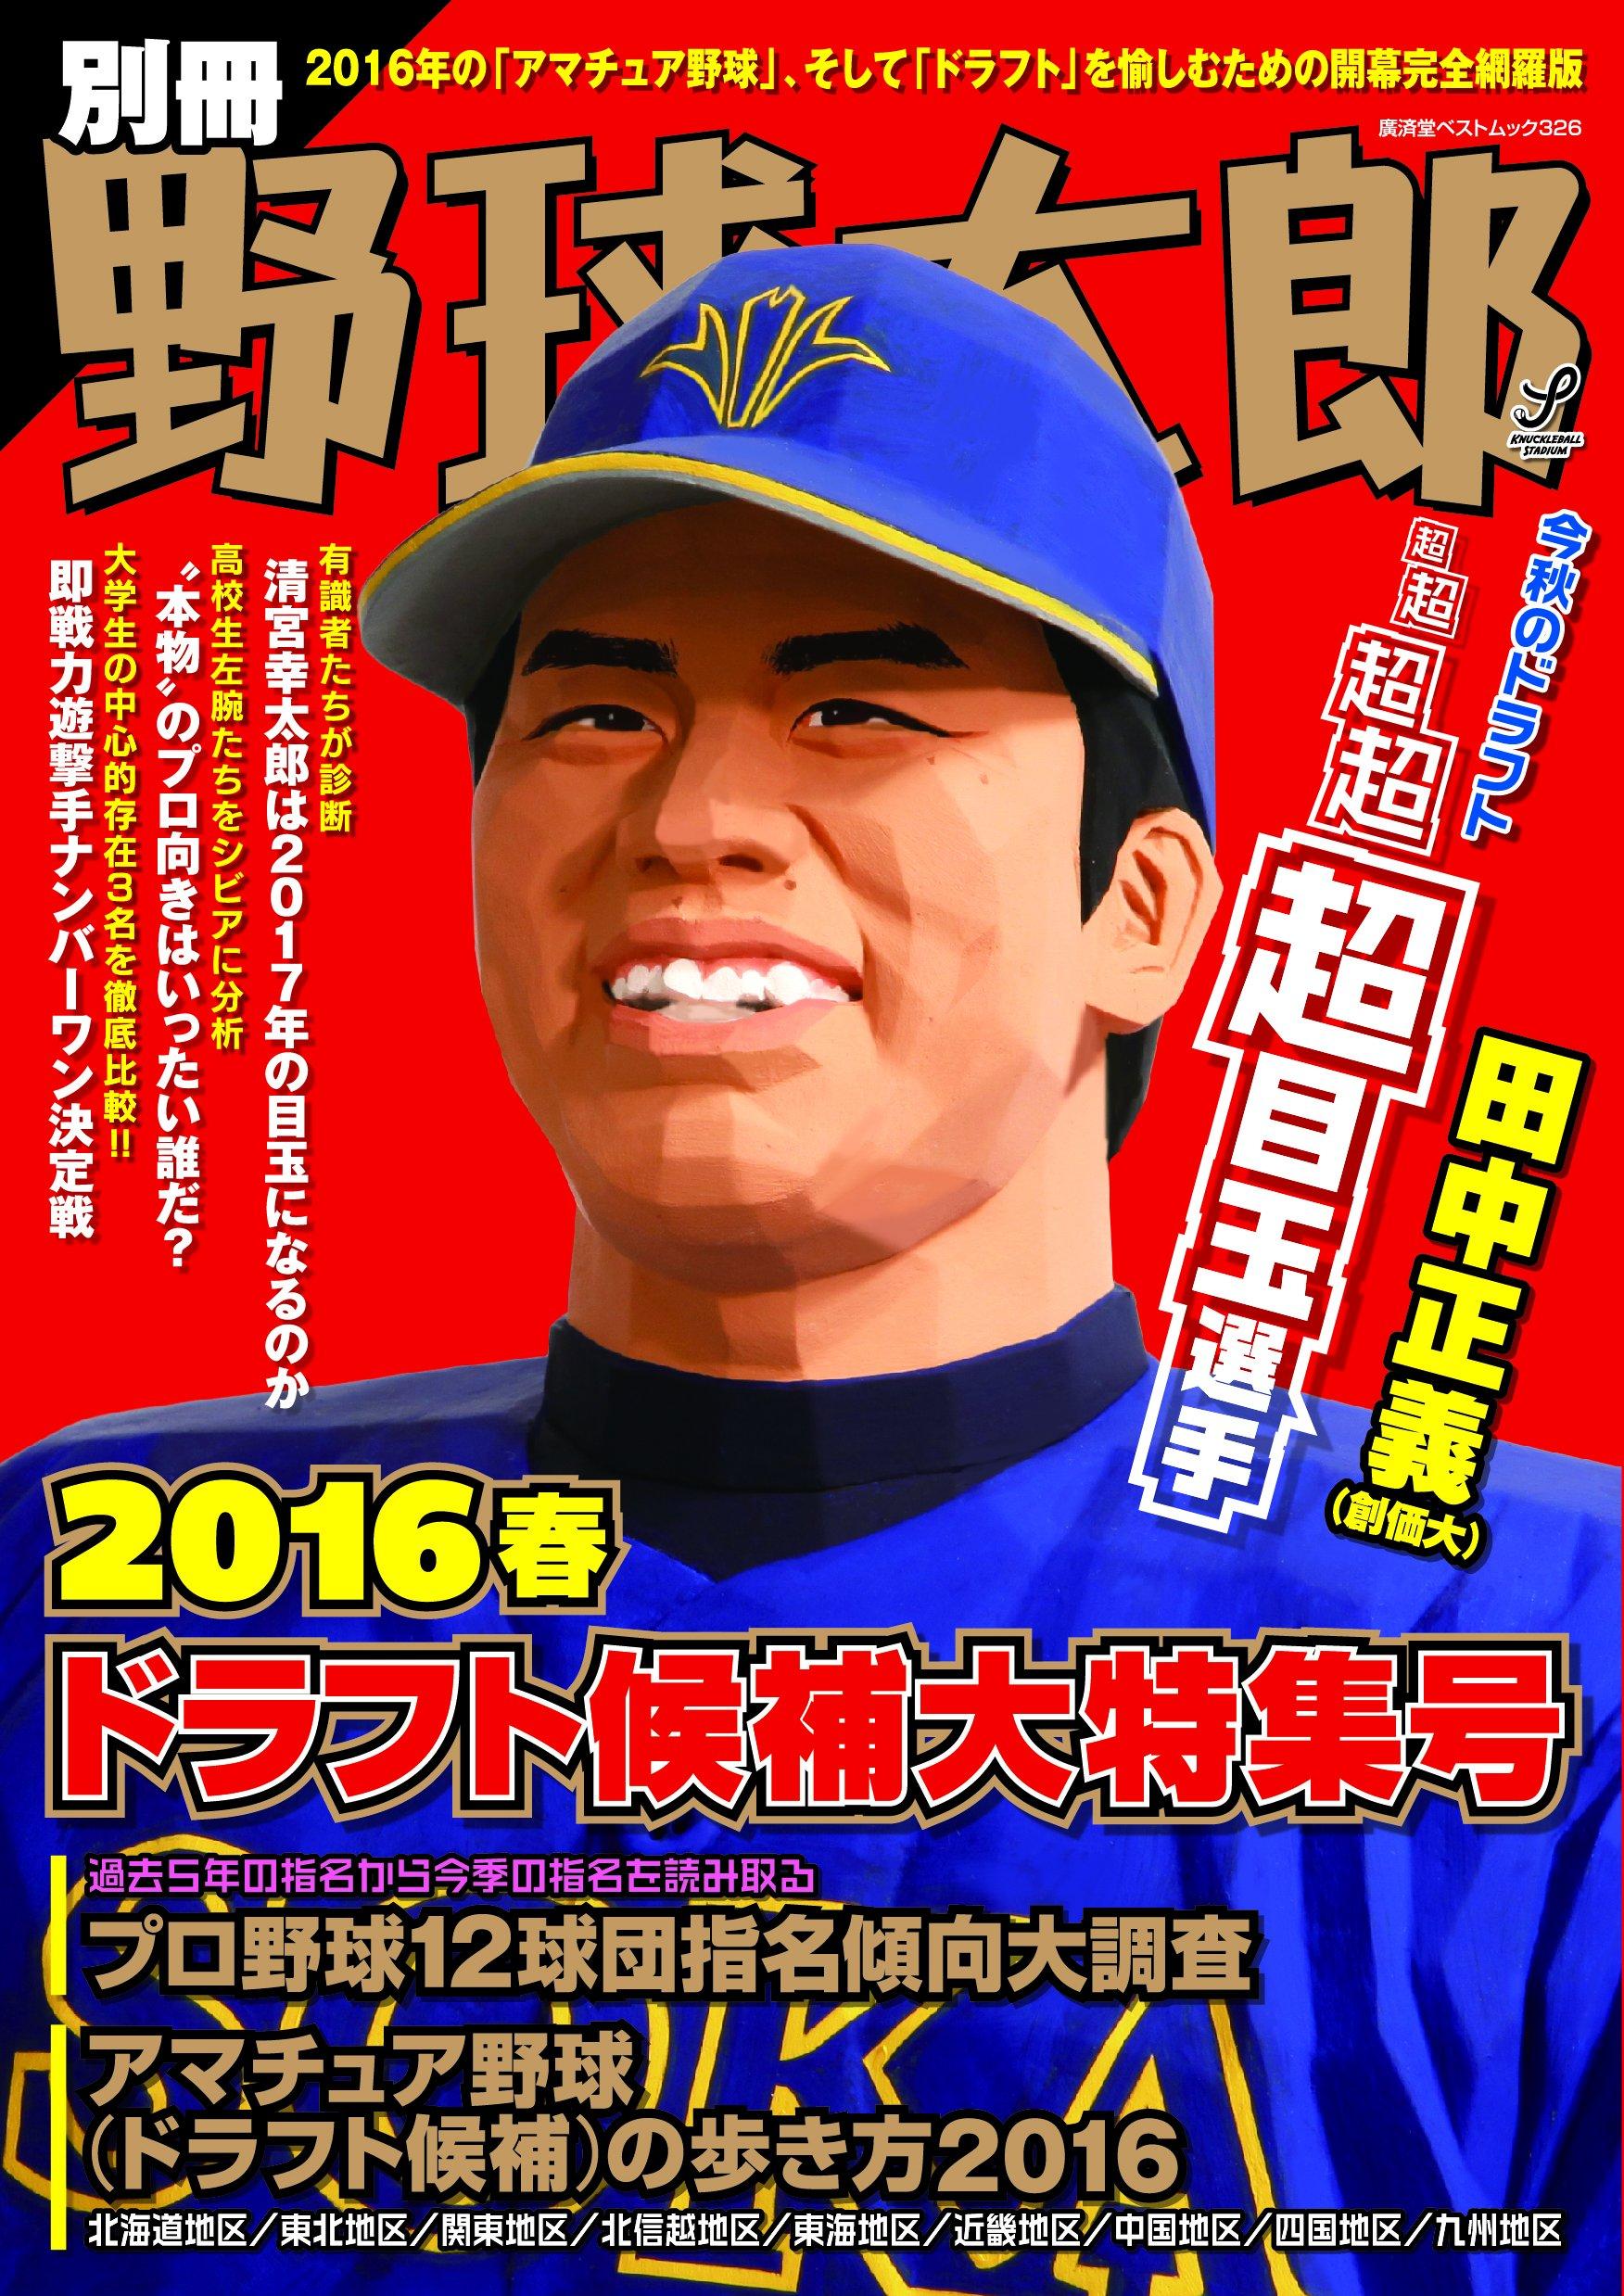 この1冊で2016ドラフト戦線を追いかけろ!『別冊野球太郎[2016春]ドラフト候補大特集号』は3月31日発売!